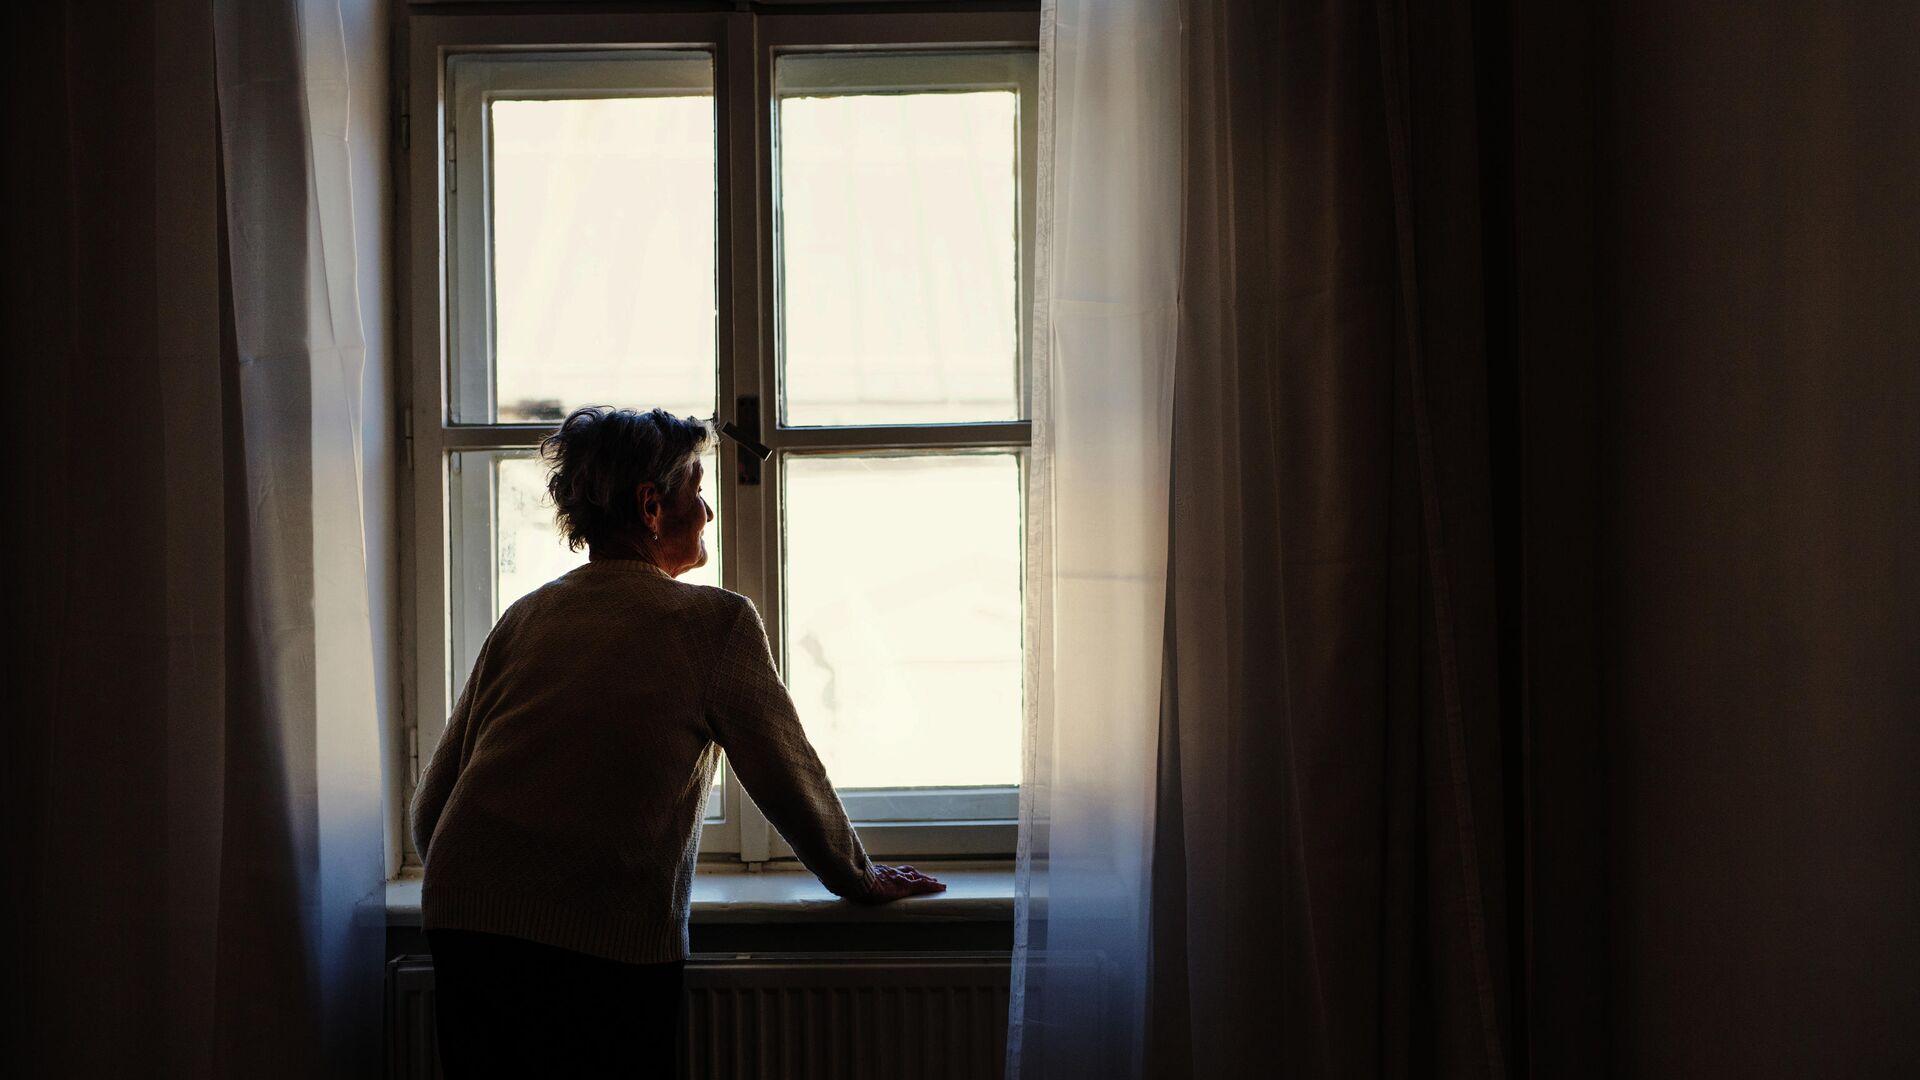 Пожилая женщина у окна - РИА Новости, 1920, 30.09.2020